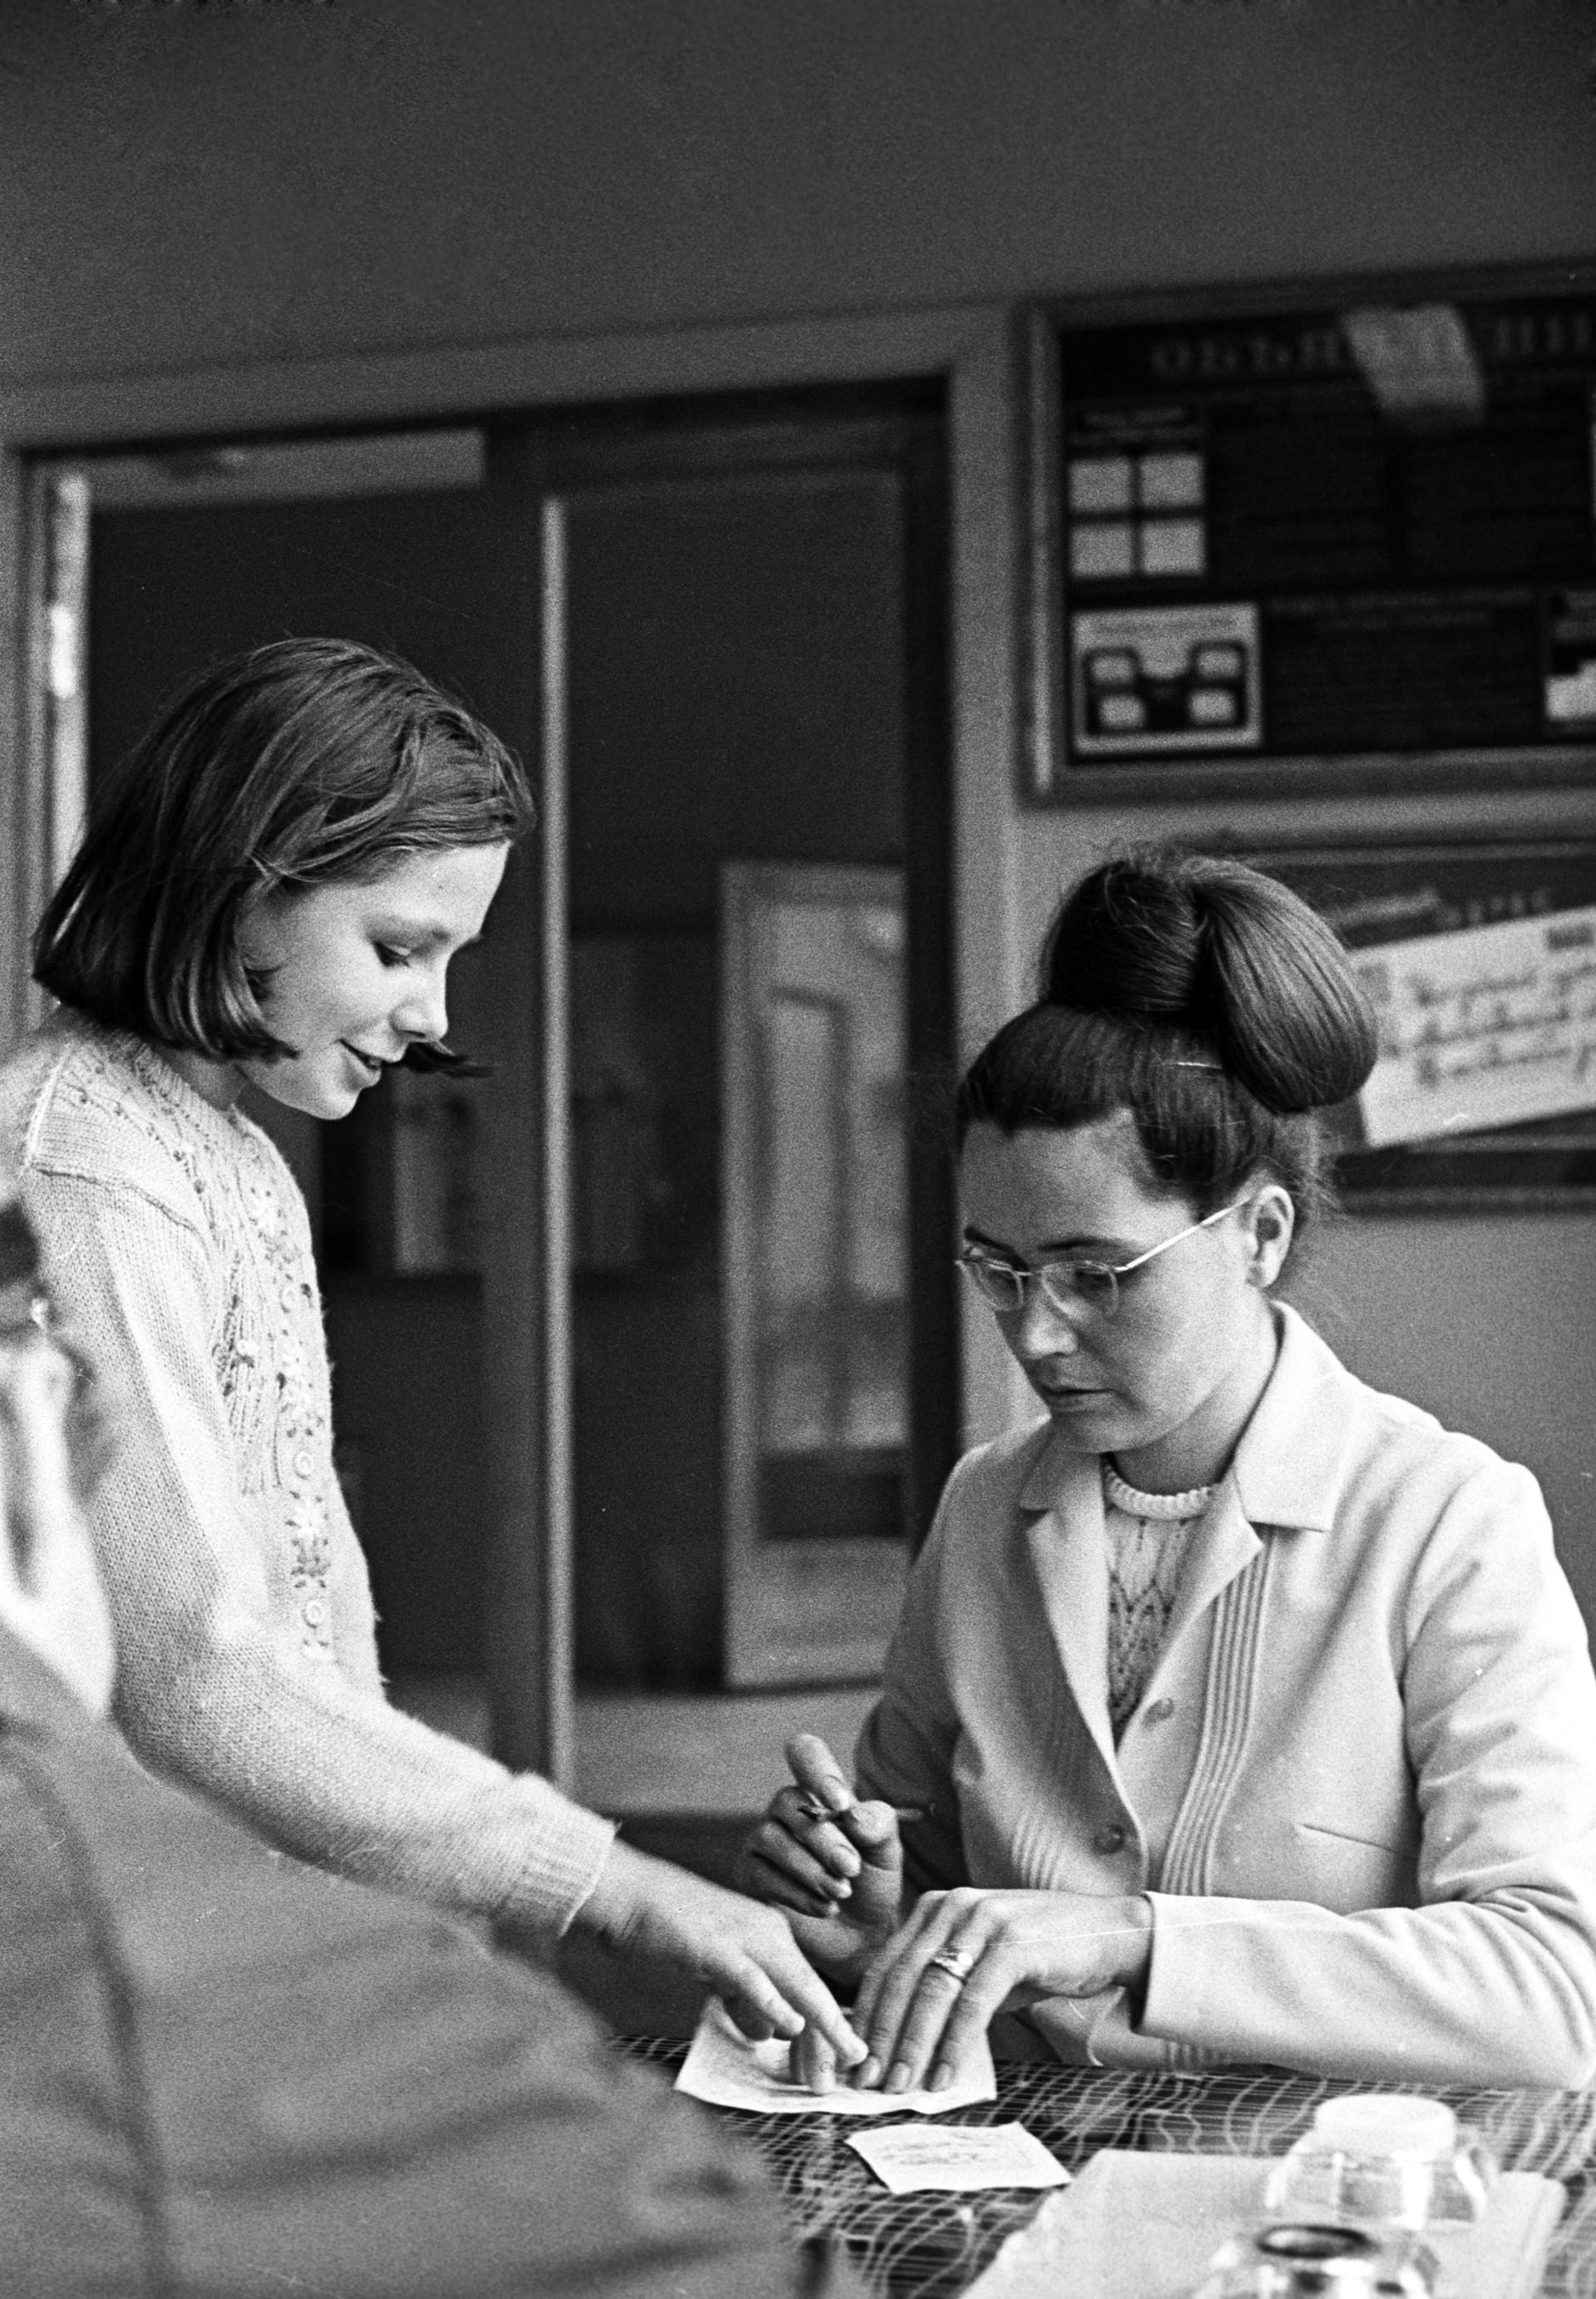 Семејството на космонаутот Јуриј Гагарин: сопругата Валентина и ќерката Елена.